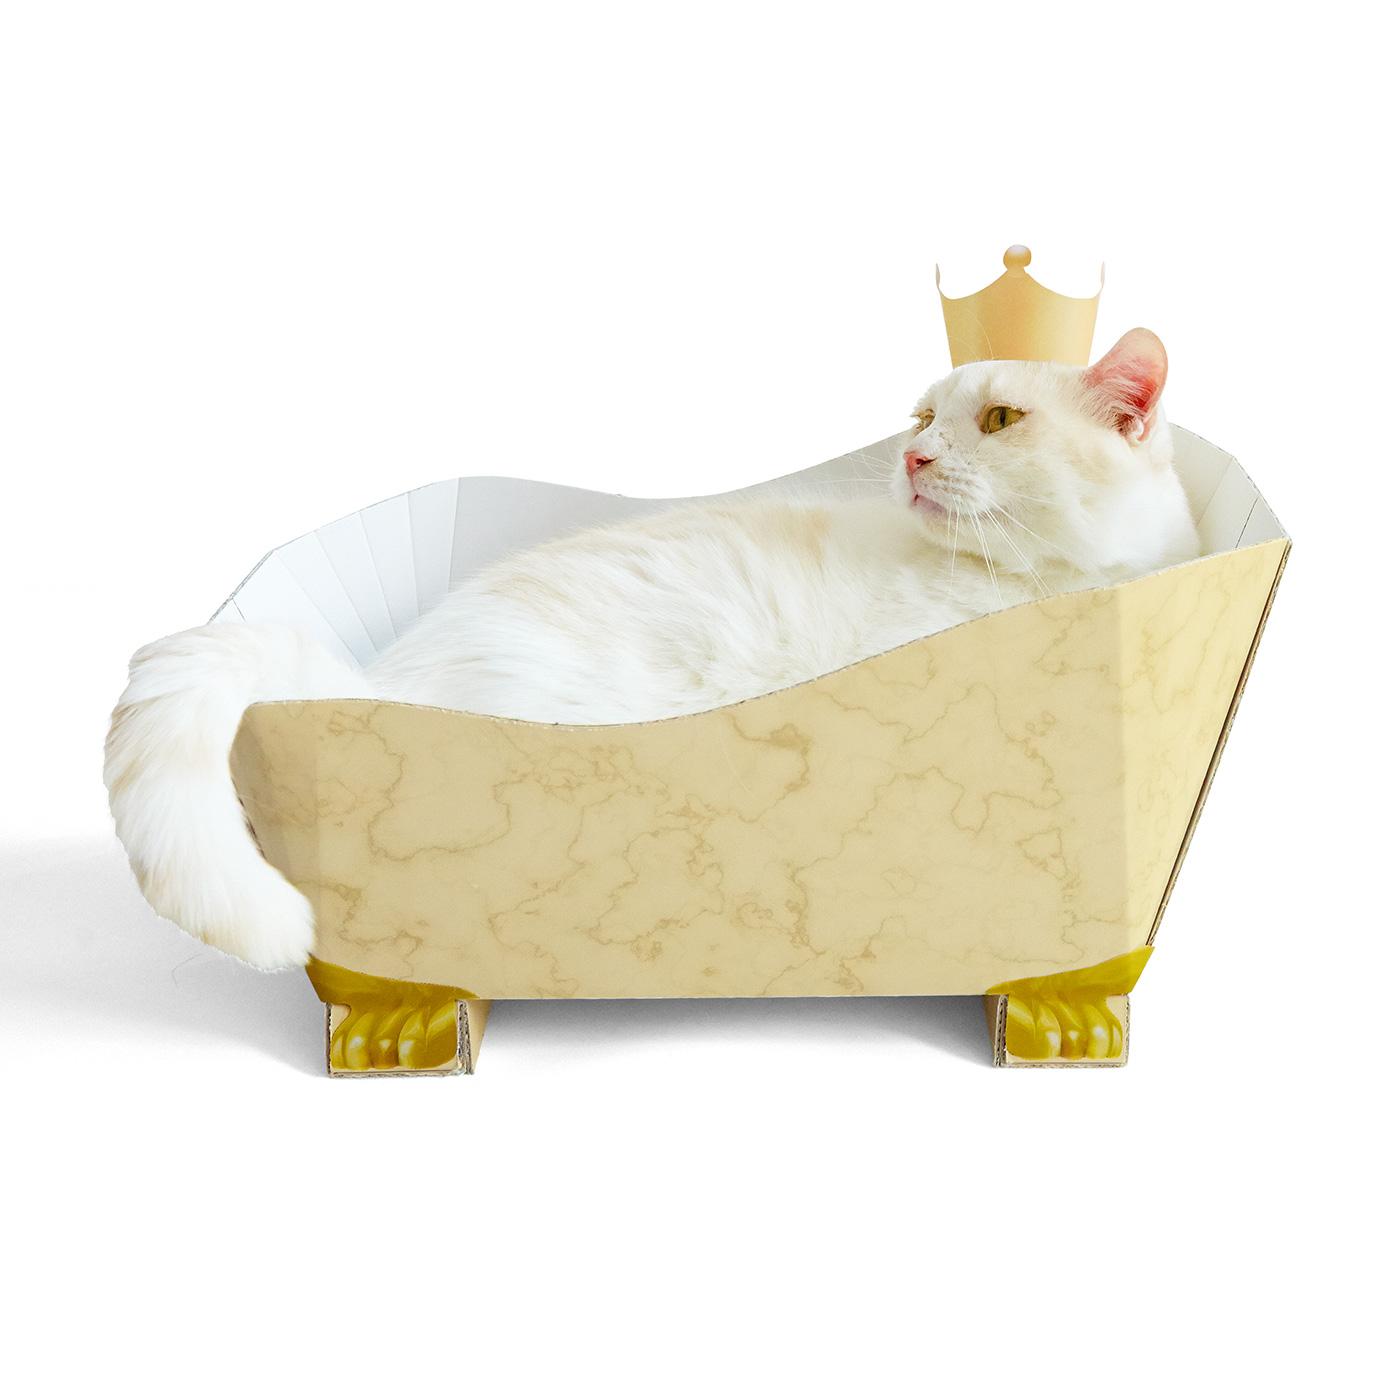 〈ベージュ〉王冠かぶって王さま気取り。トム 約4.5kg